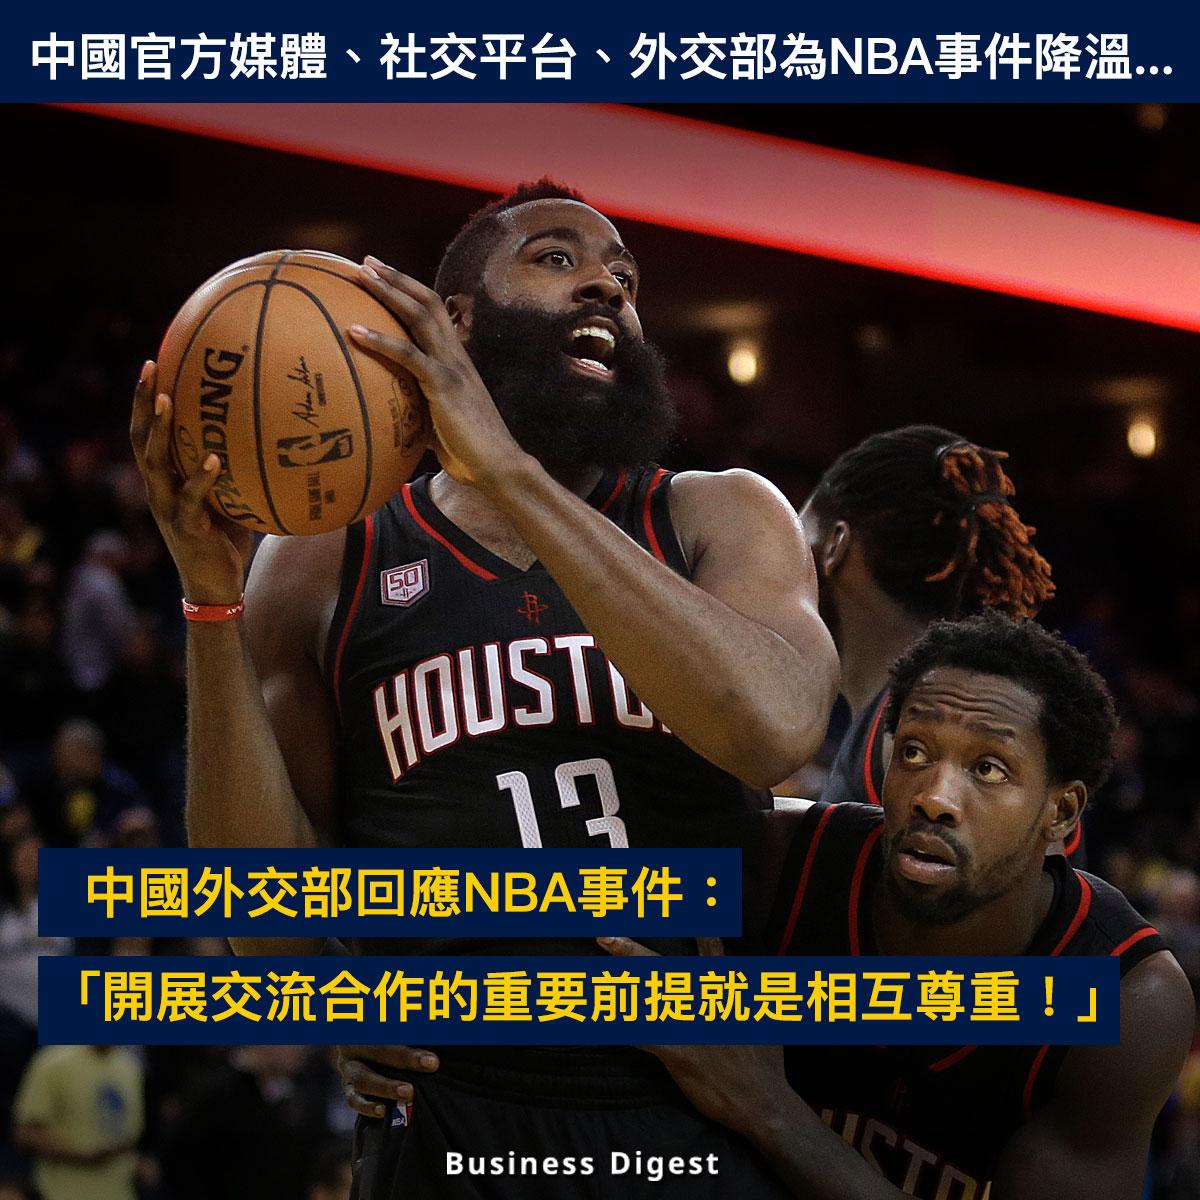 【商業熱話】中國外交部回應NBA事件:「開展交流合作的一項重要前提就是要相互尊重!」